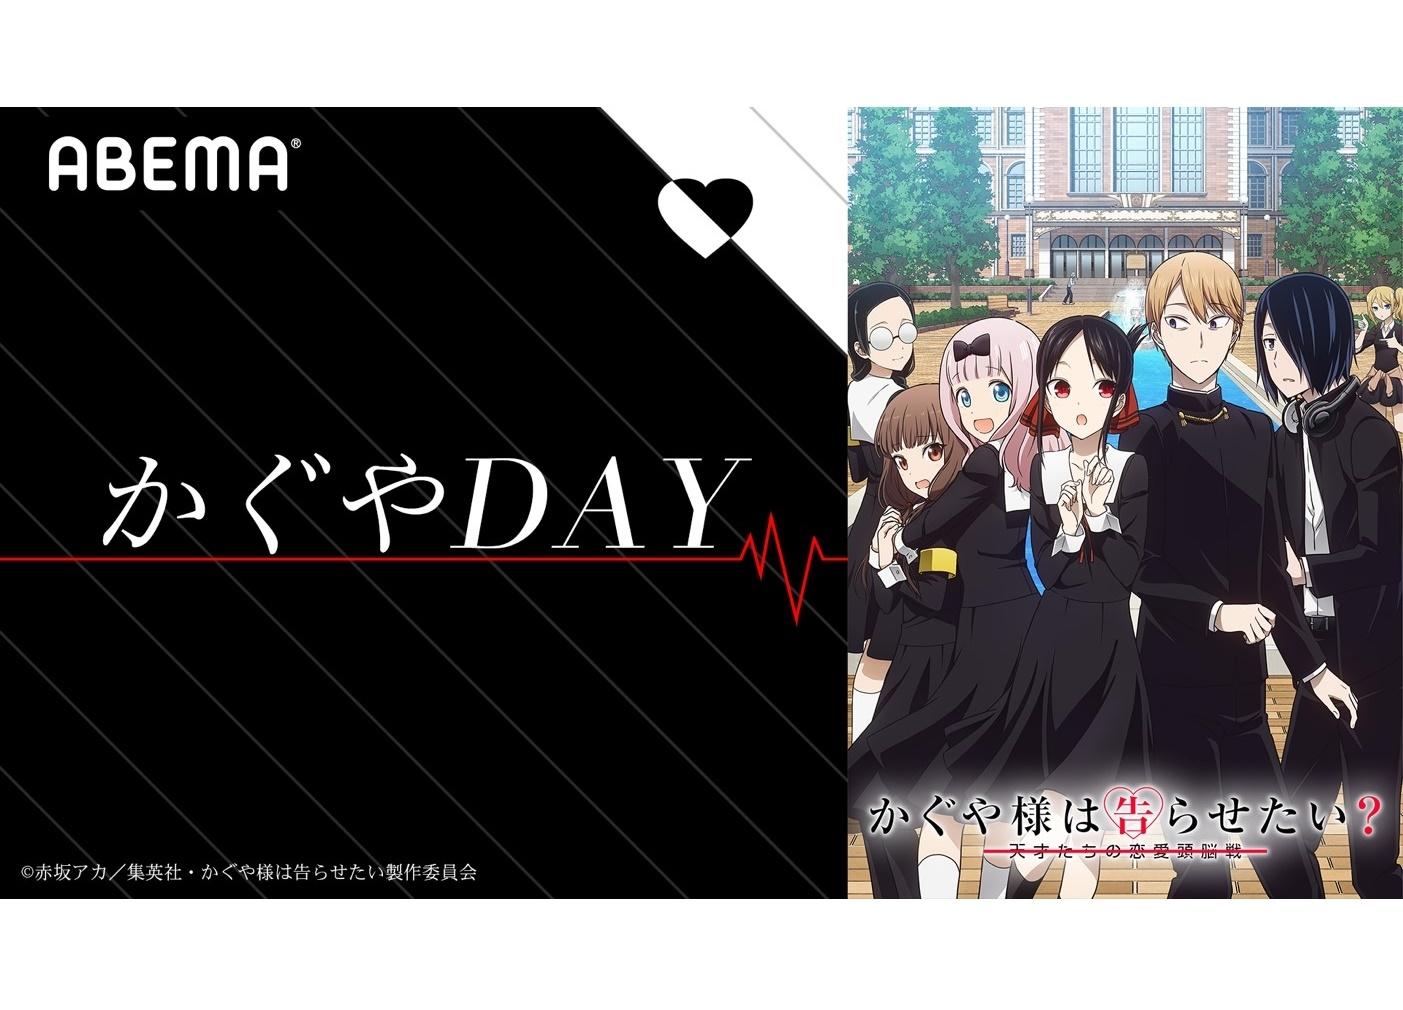 【ABEMA】春アニメ『かぐや様 第2期』最終回直前 特別企画開催